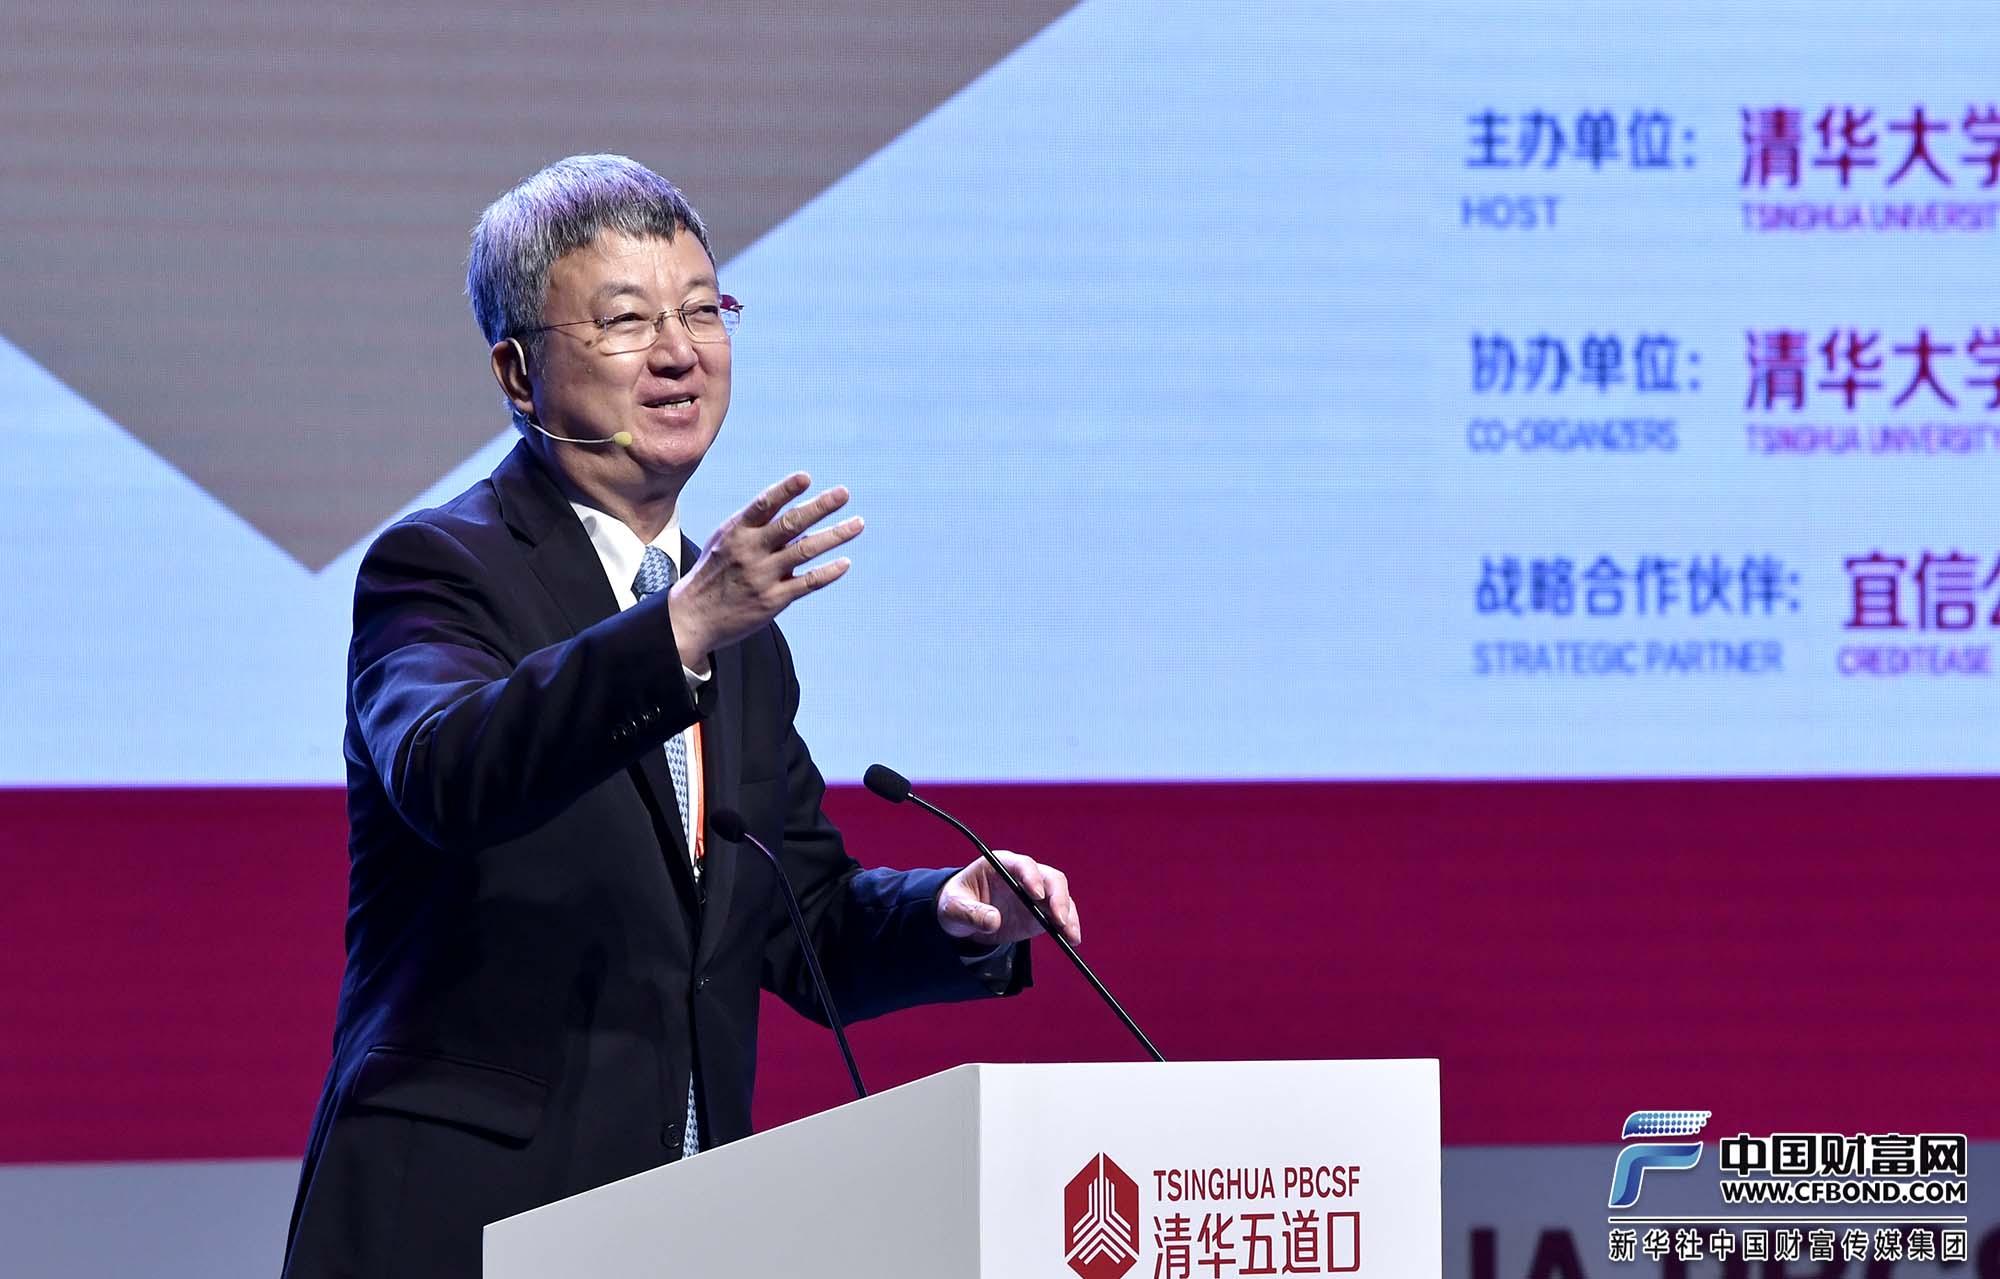 朱民:人工智能将助力中国经济创新发展